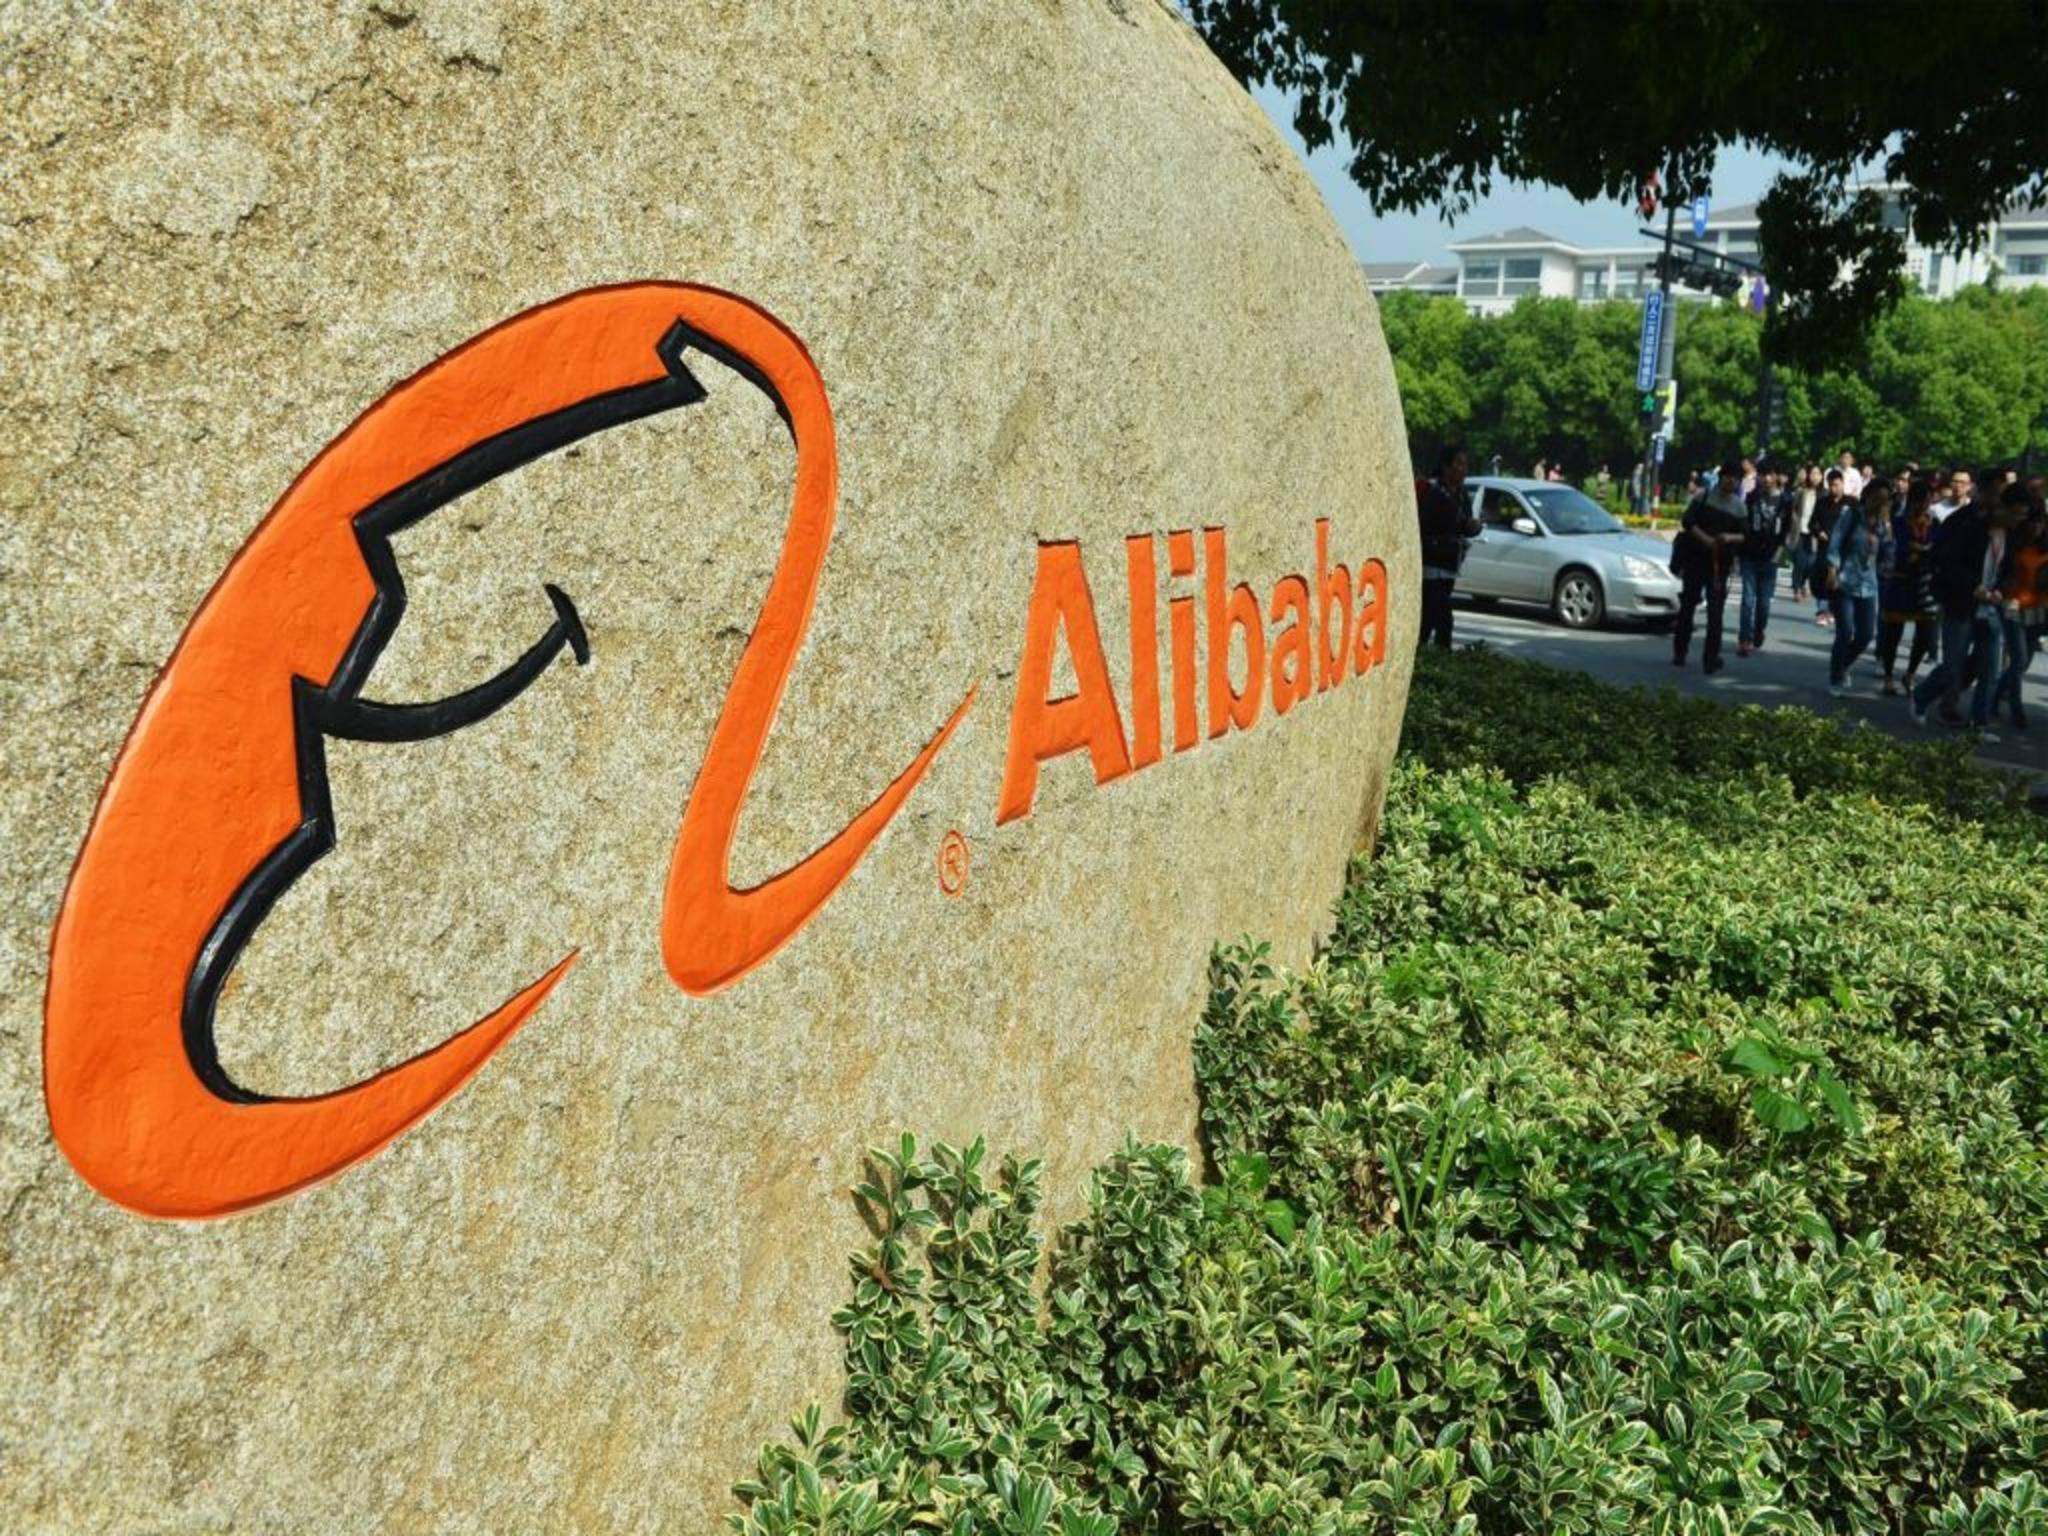 Alibaba, die größte IT-Firma Chinas, rangiert auf Platz 7.